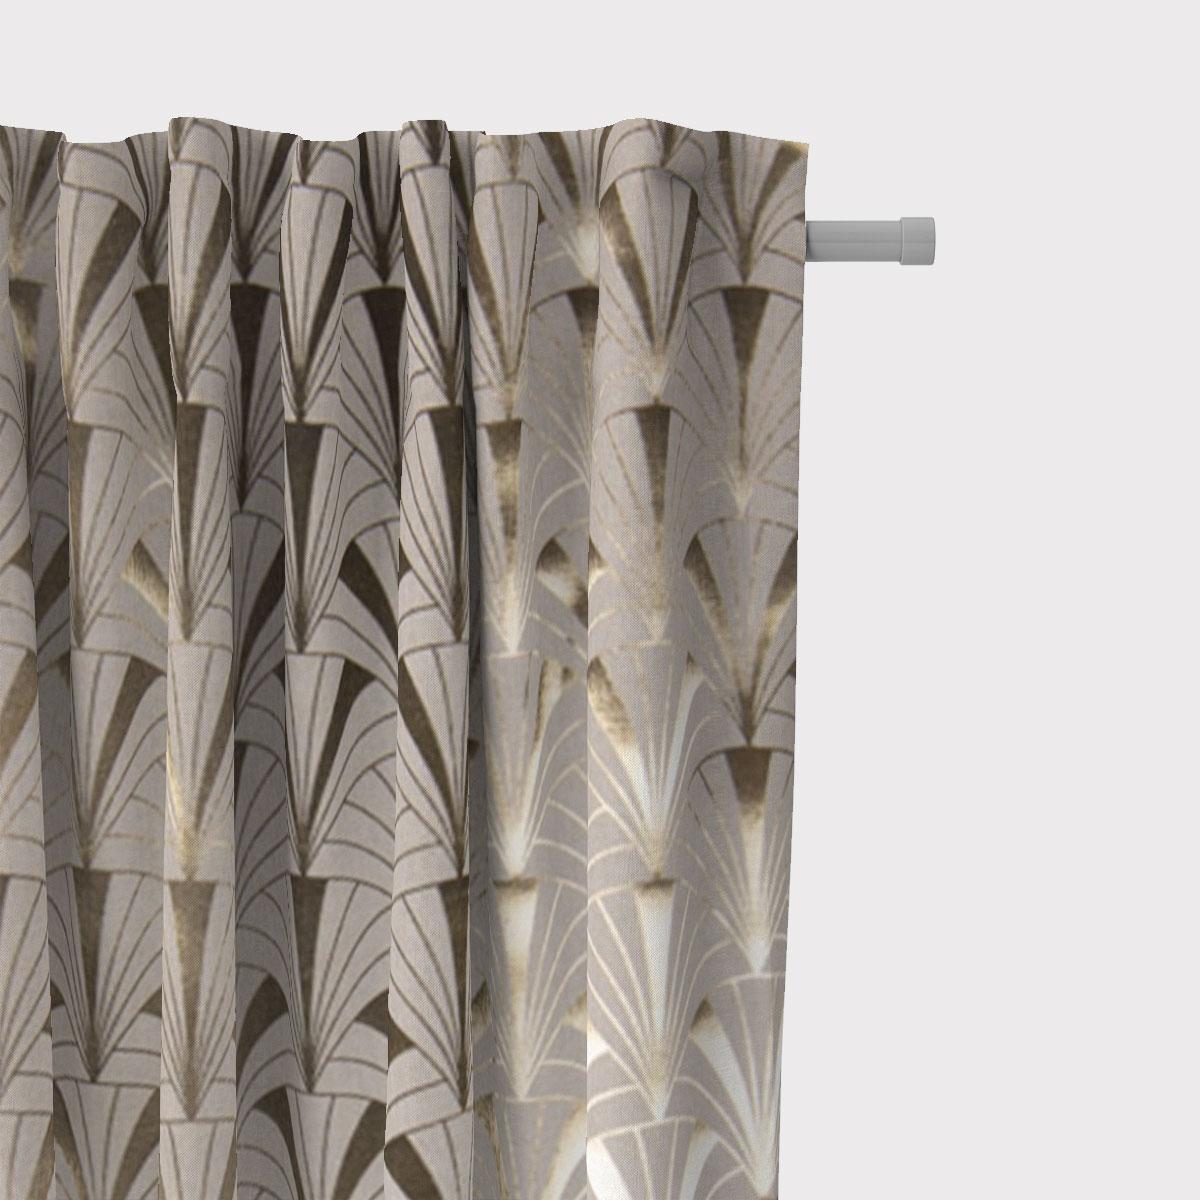 SCHÖNER LEBEN. Vorhang Art Deco Bogen natur gold metallic 245cm oder Wunschlänge